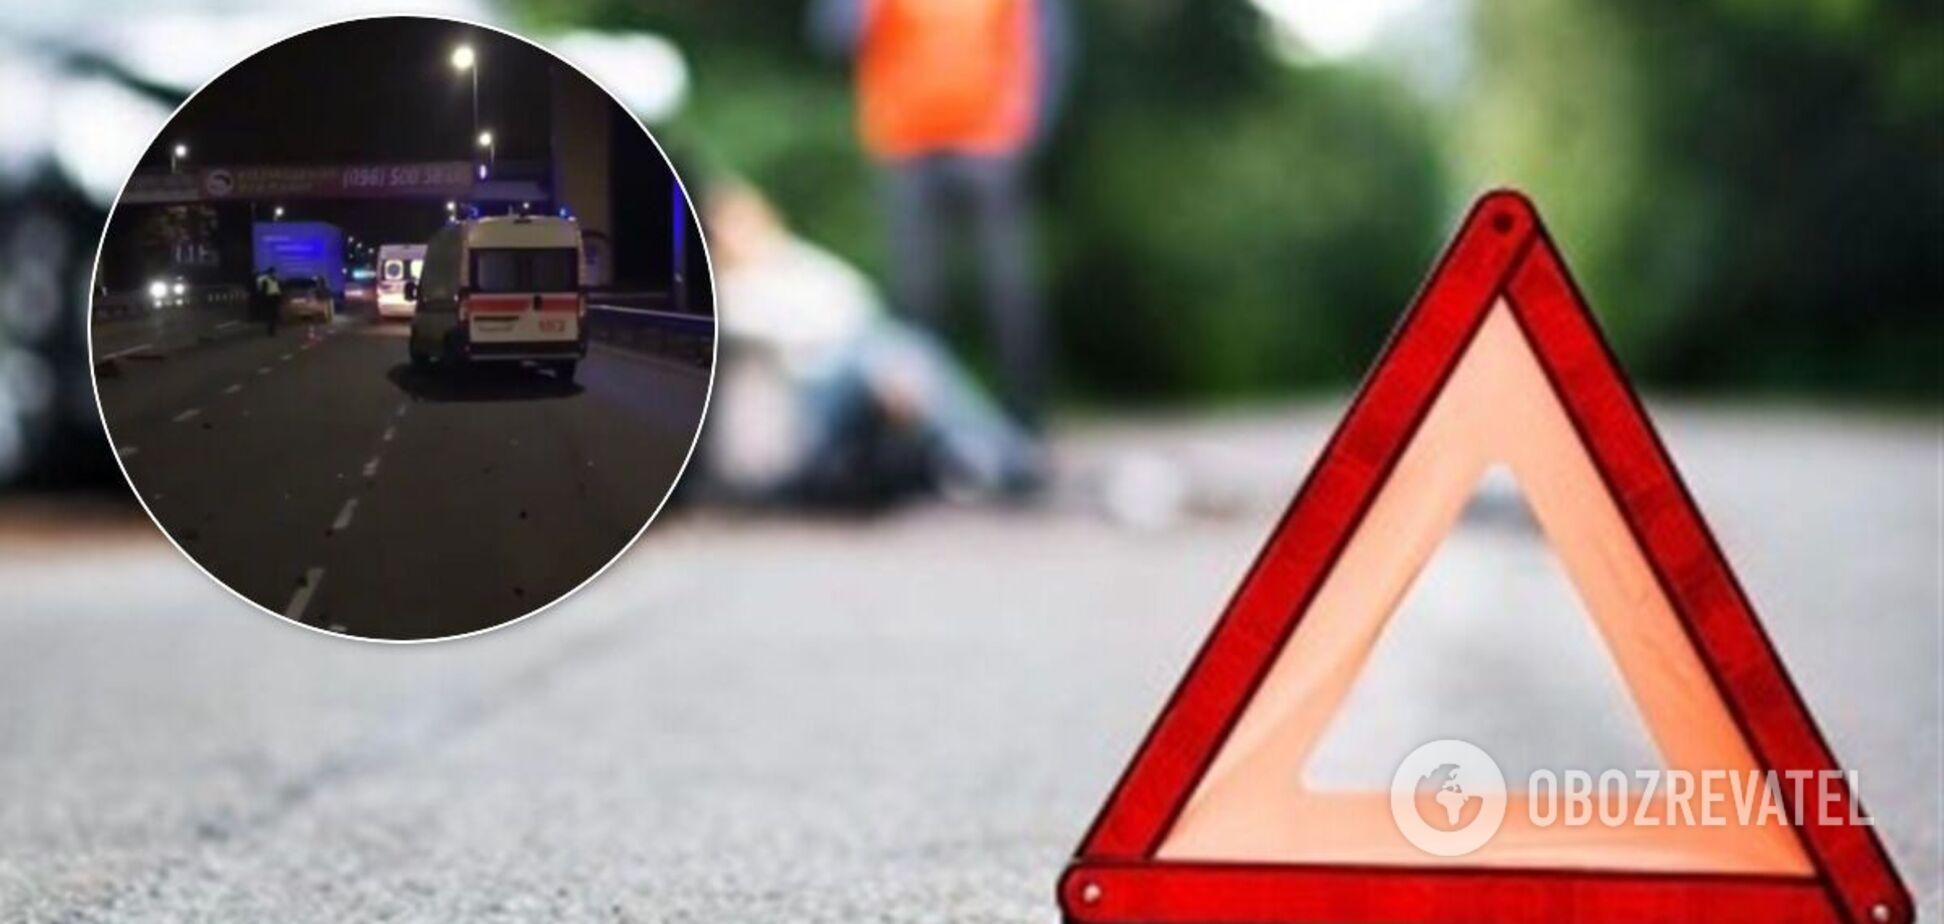 В Киеведевушка-водитель на полной скорости влетела в грузовик. Видео